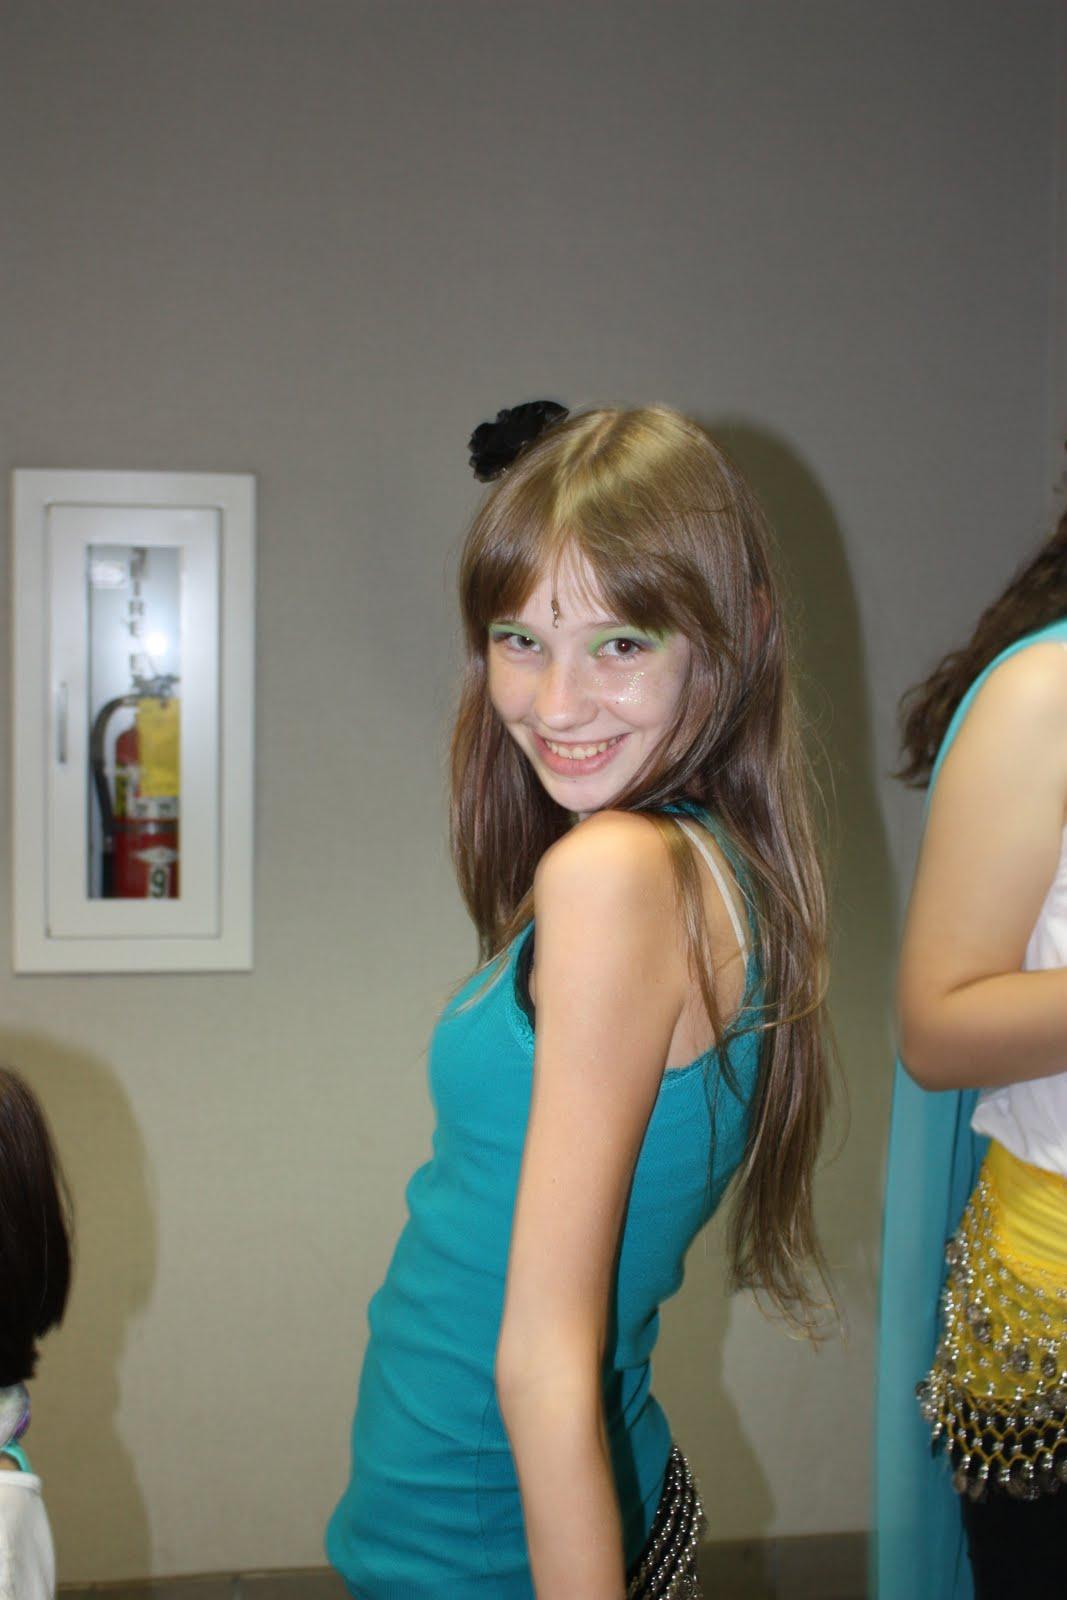 Teen Dancers 15